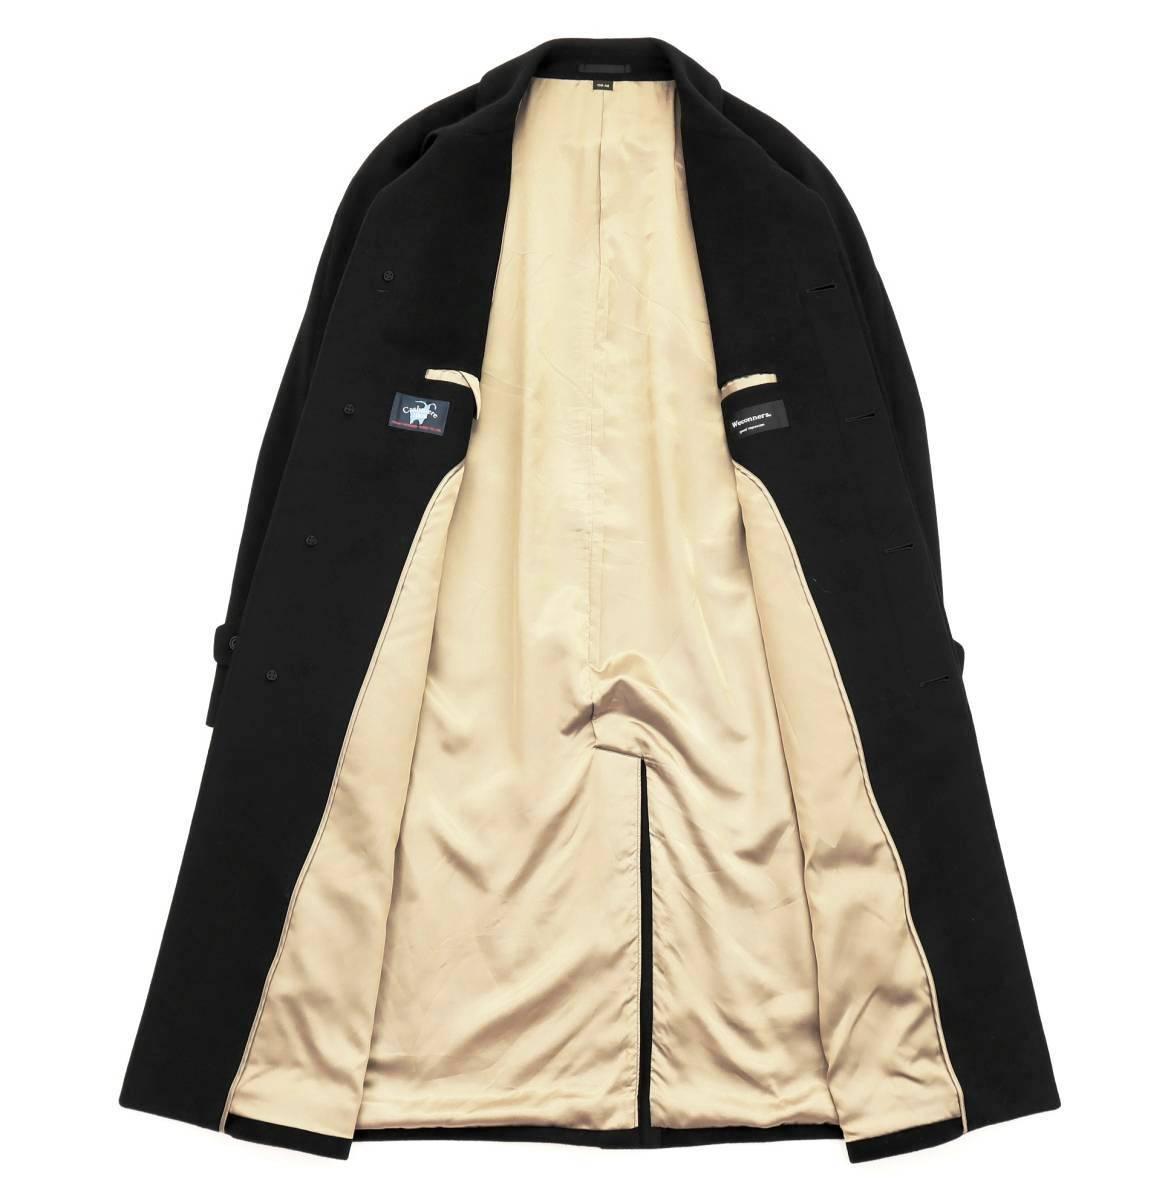 別格これ以上なし!!!トロトロの極上の手触り◎最高級繊維の宝石◎「深喜毛織/FUKAKI」ピュアカシミヤ100%◎ステンカラーコート 黒 XL_画像2